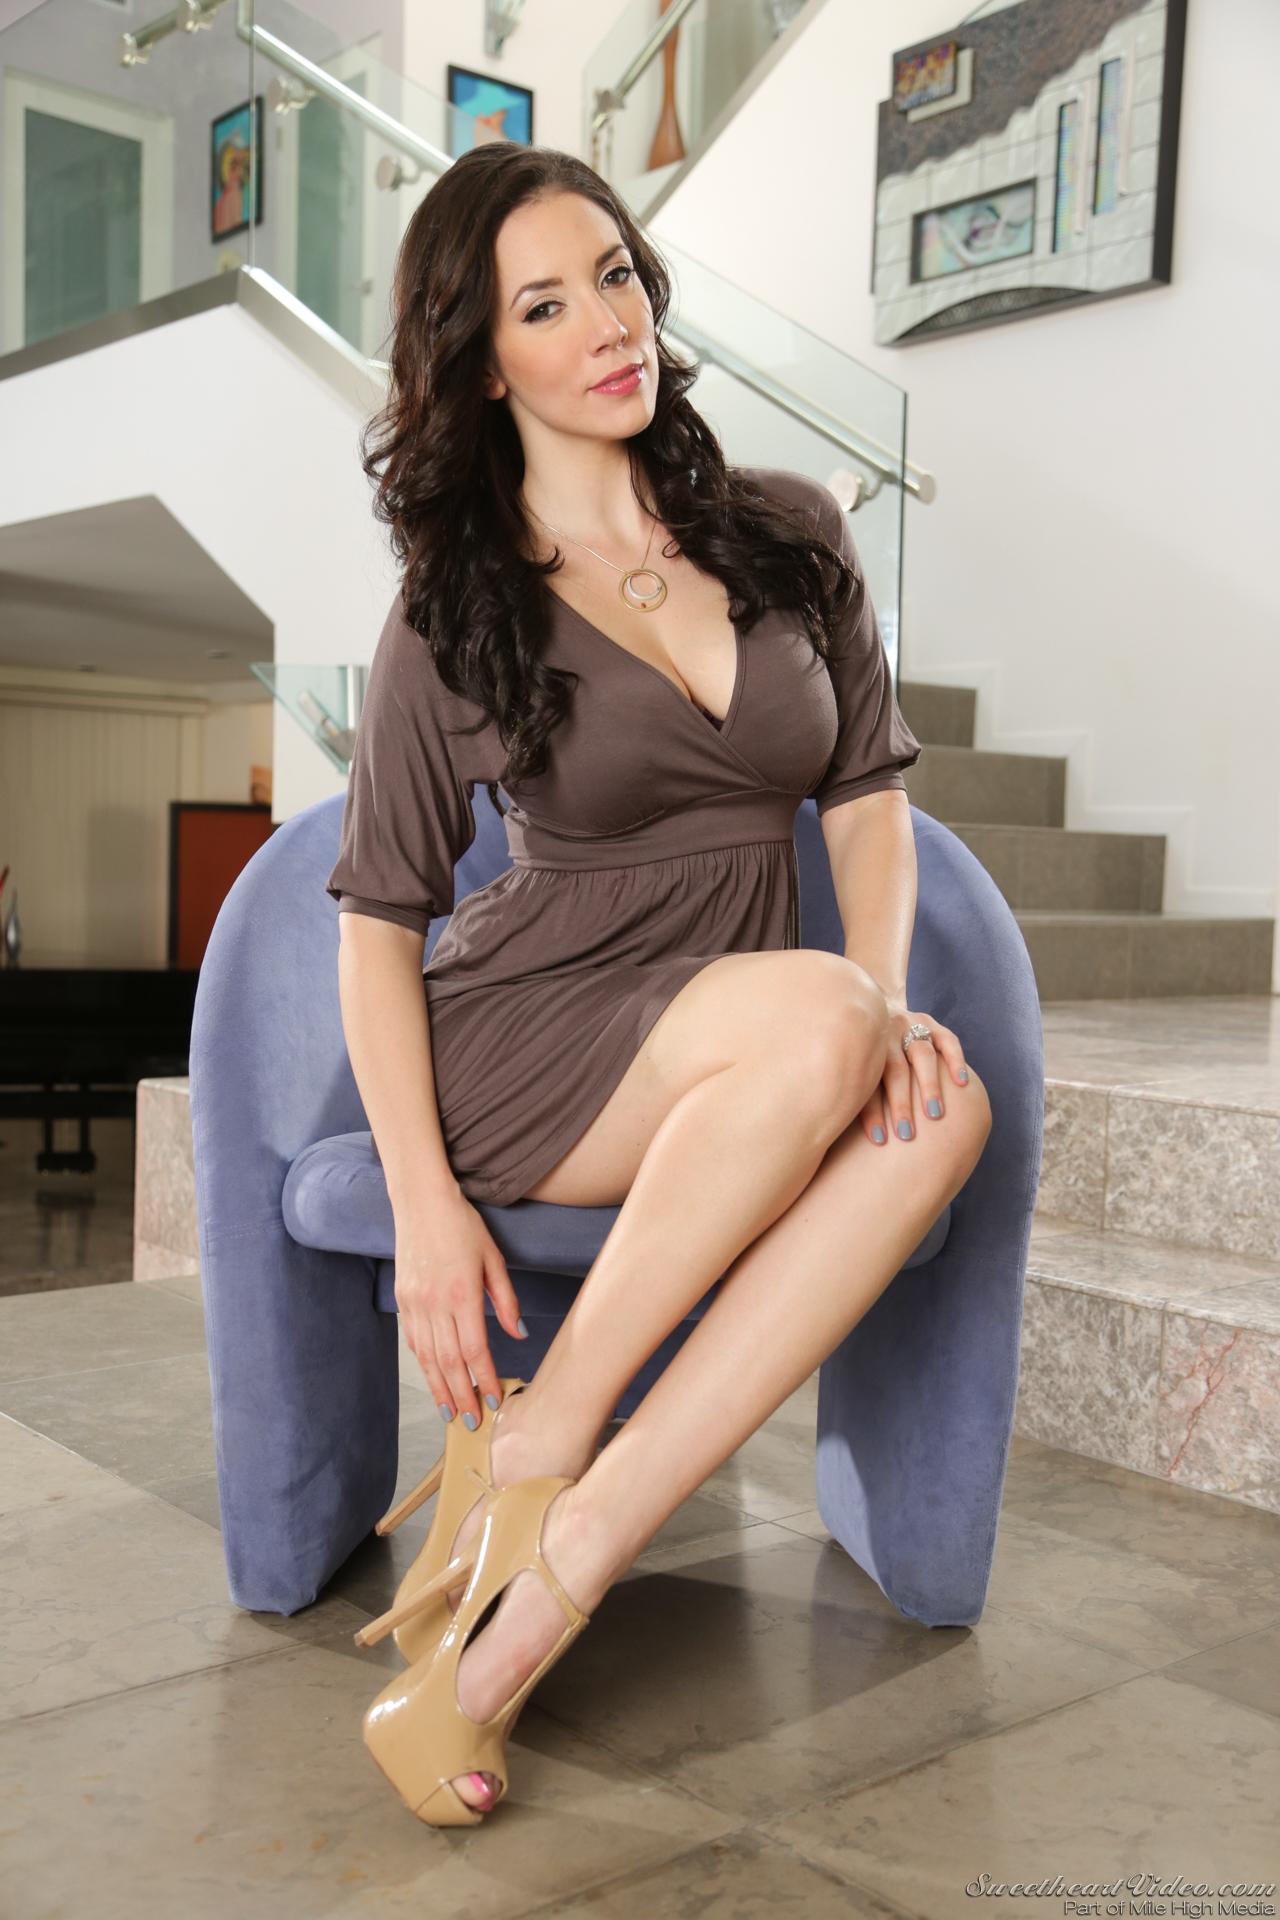 skirt - hot mature milfs pics